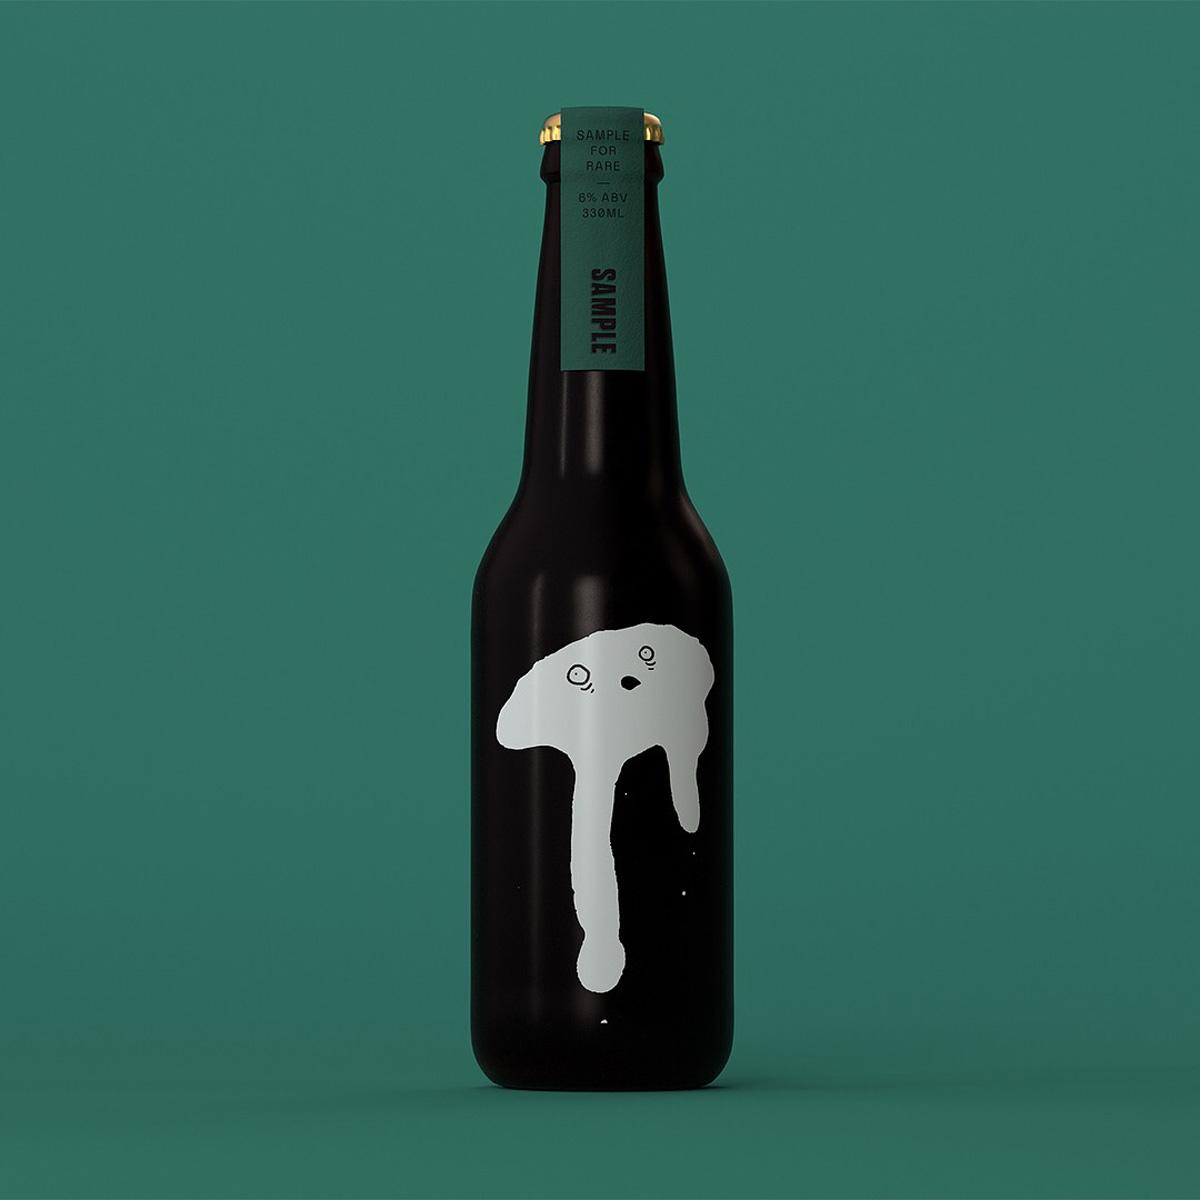 Custom letterpress beer neck labels for Sample Brew on Colorplan 2